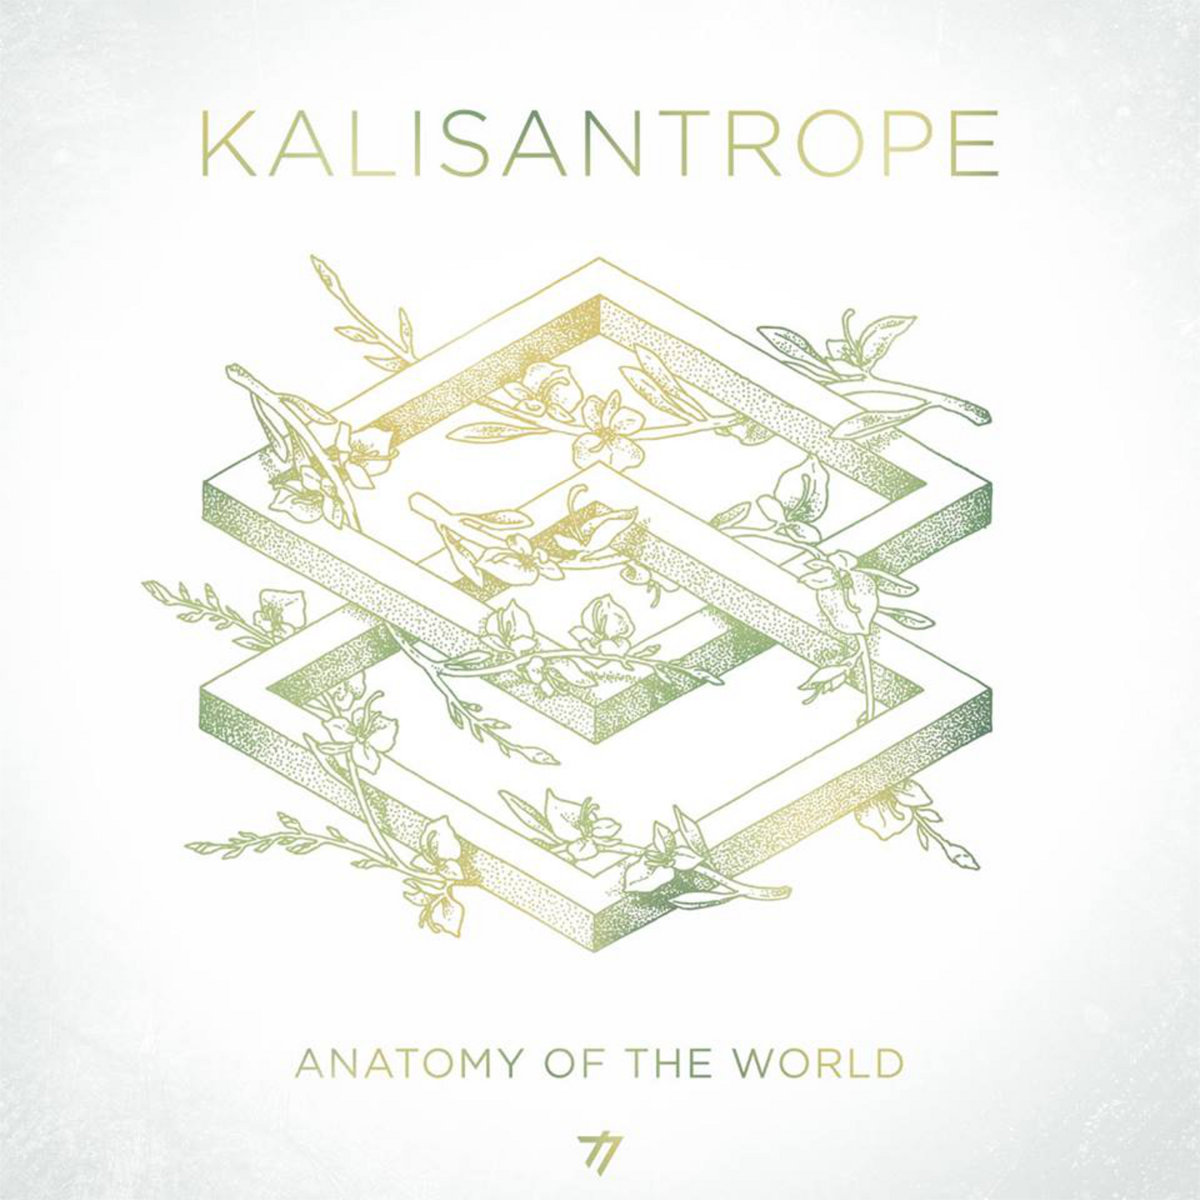 Anatomy of the World   Kalisantrope